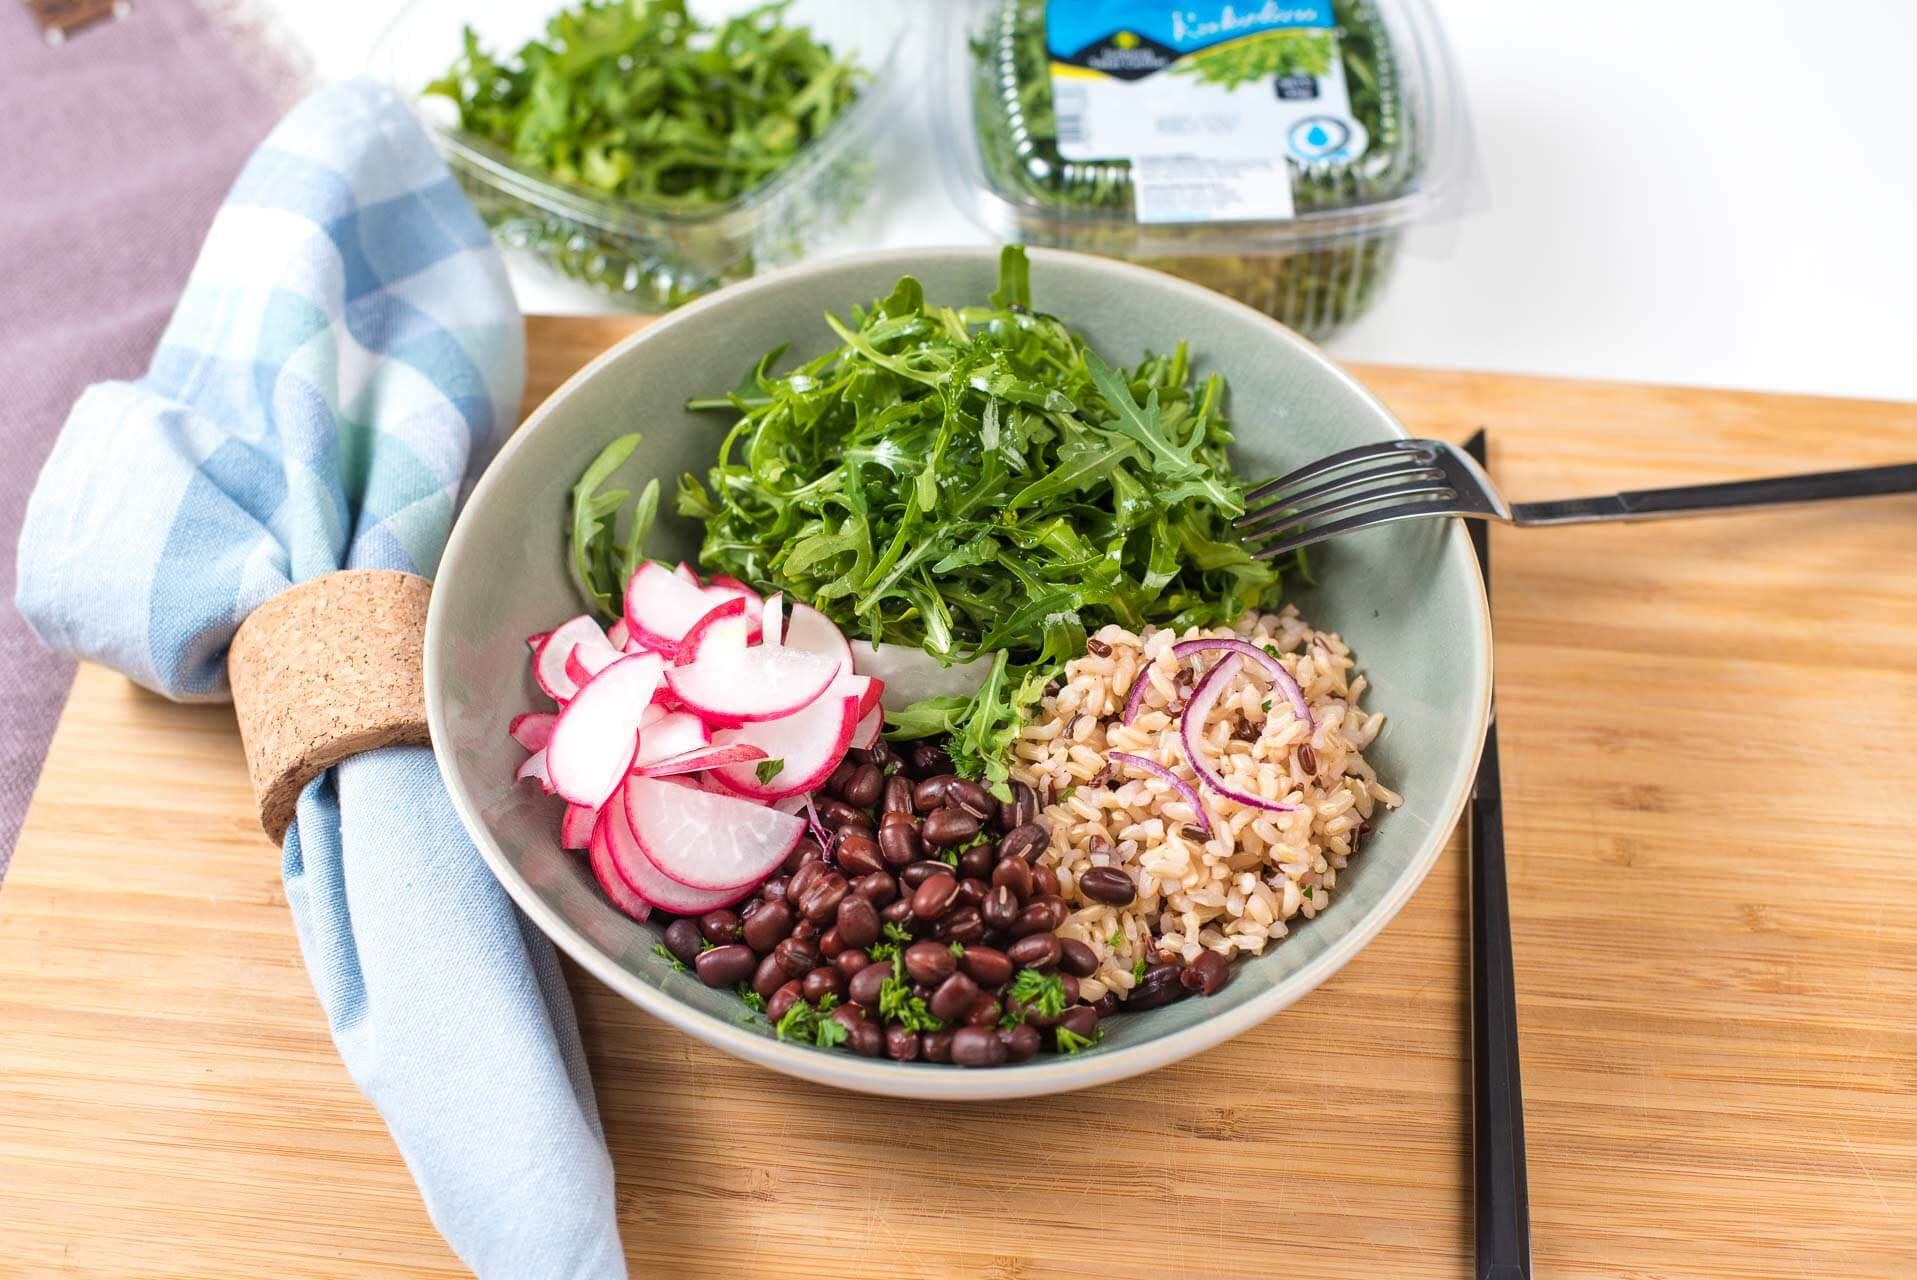 rižoto sa pasuljem, pasulj, azuki pasulj, pirinač sa pasuljem, Iceberg Salat Centar, Klub Zdravih Navika, ručak, rižoto za ručak, recept za rižoto